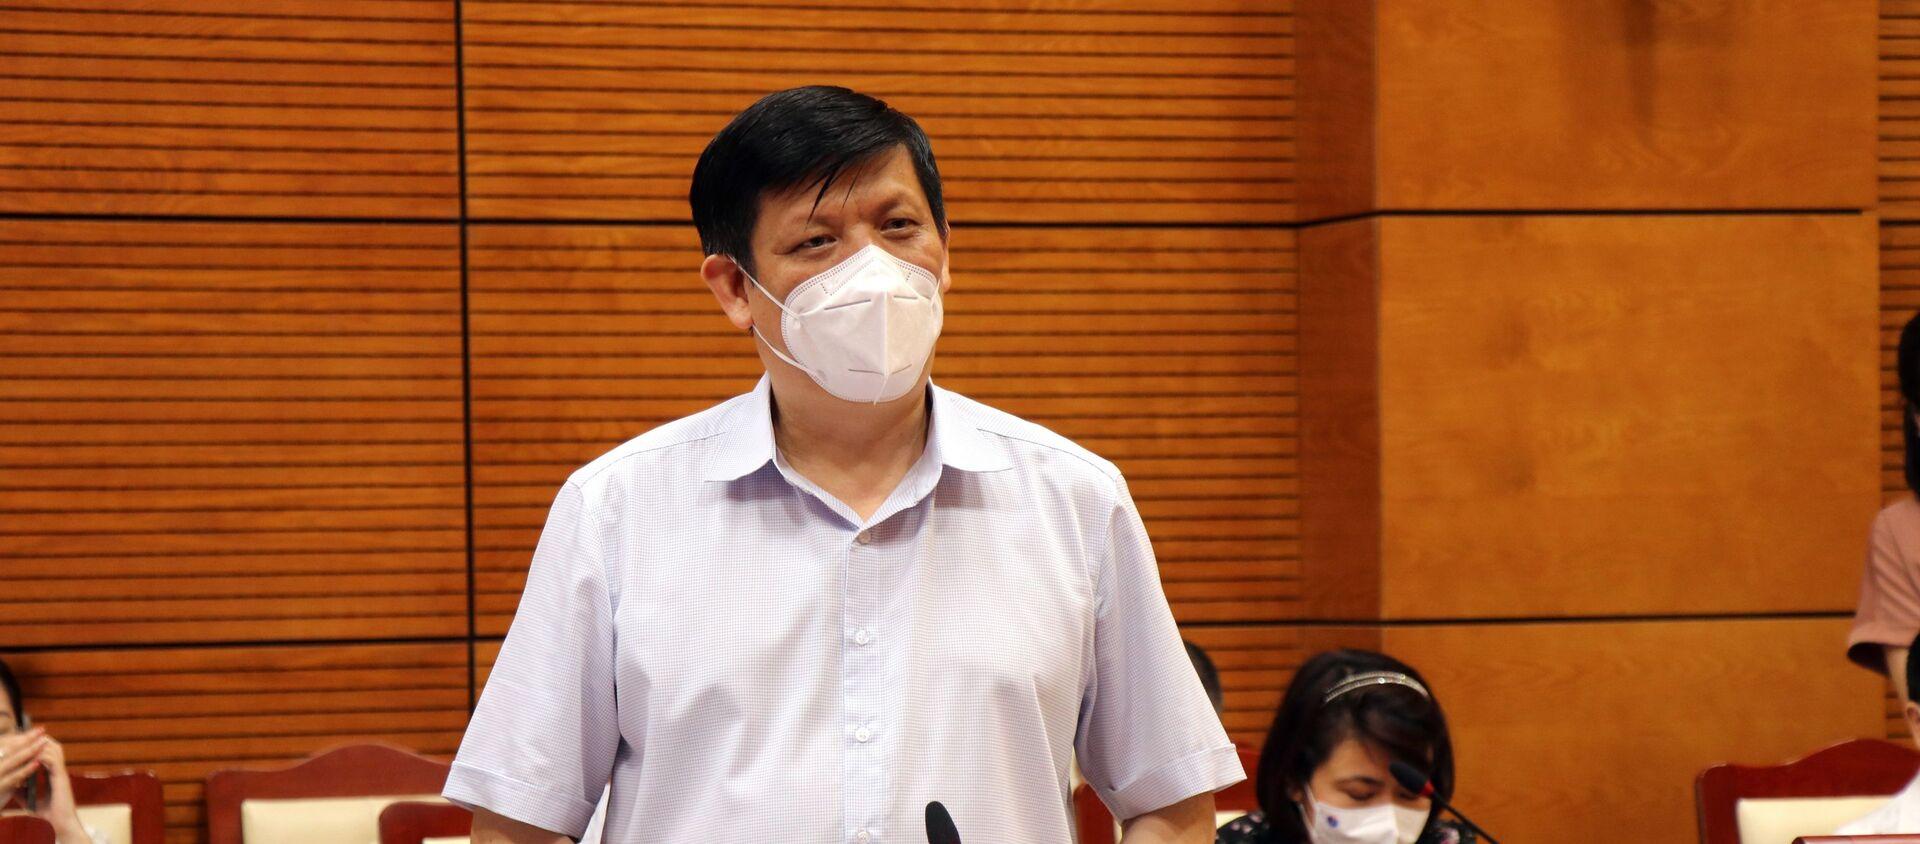 Bộ trưởng Bộ Y tế Nguyễn Thanh Long phát biểu tại buổi làm việc.  - Sputnik Việt Nam, 1920, 18.05.2021